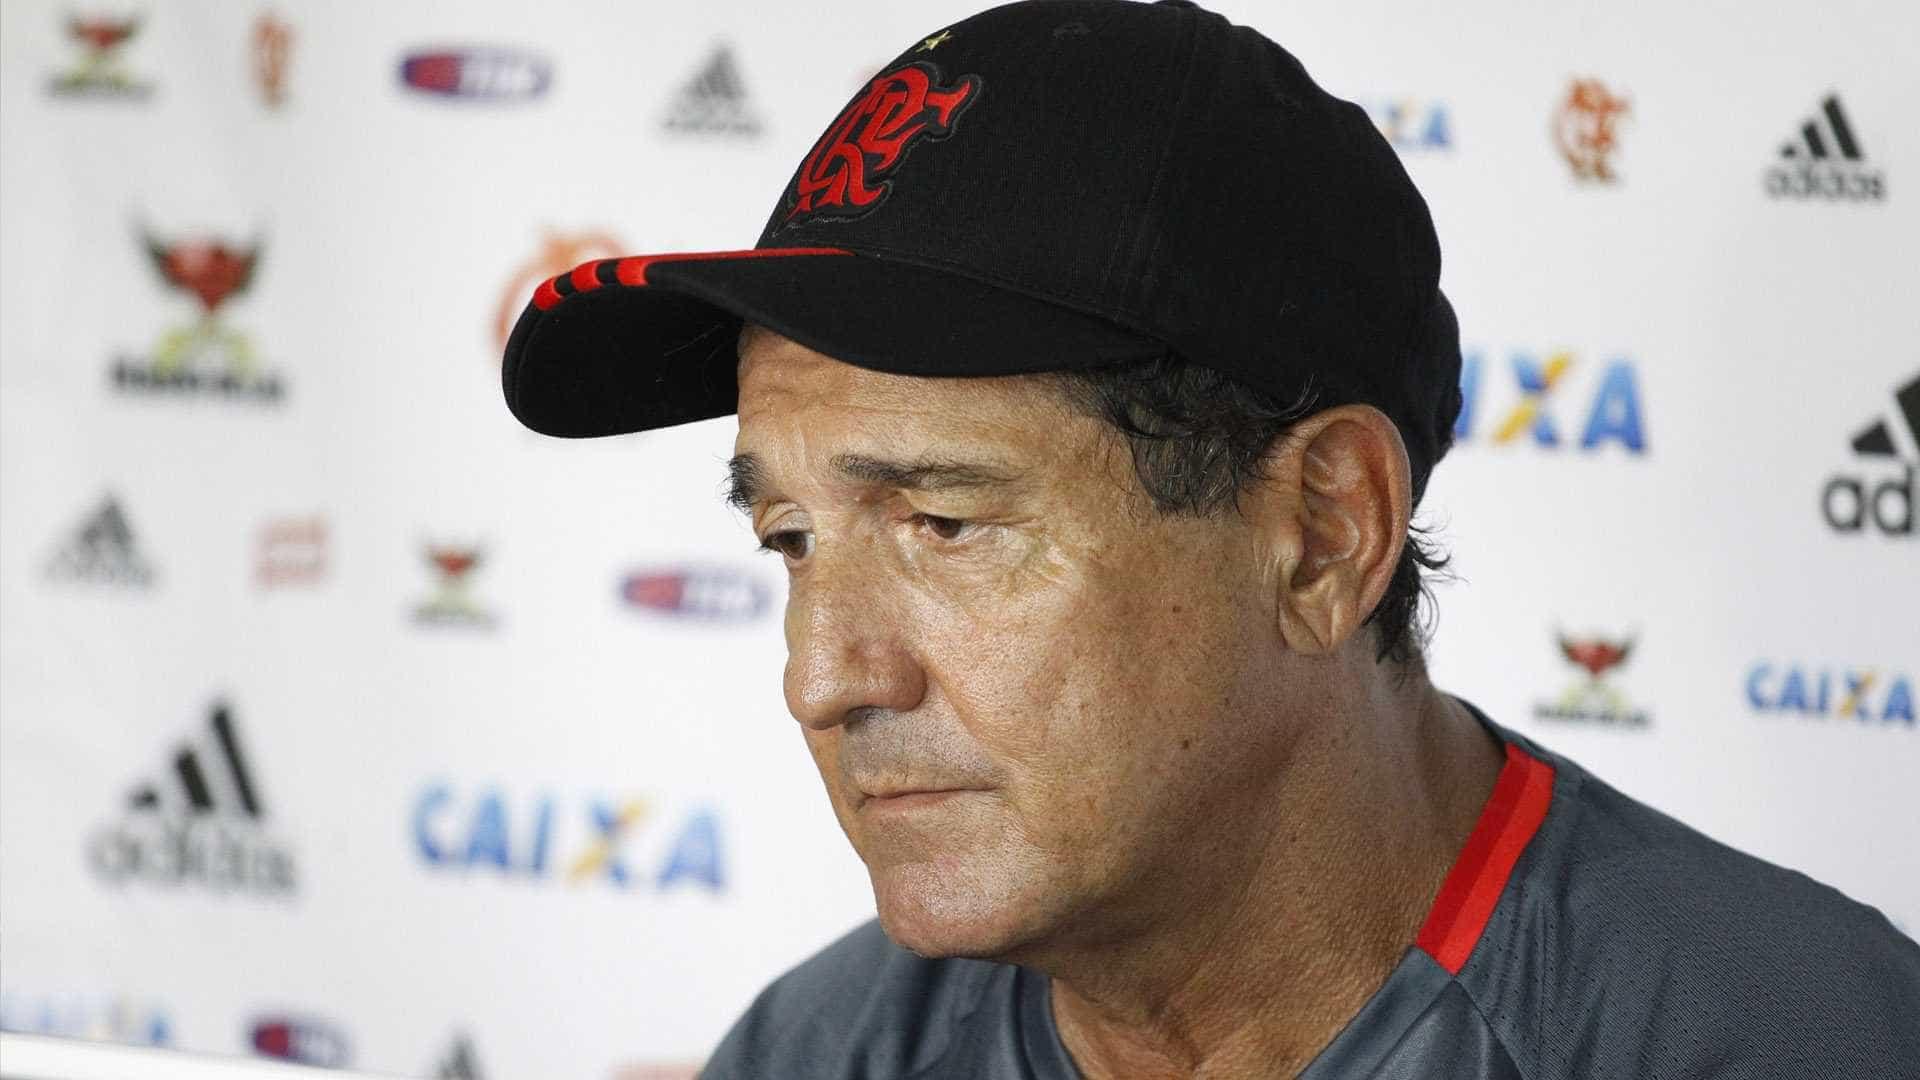 Esposa quer ver Muricy Ramalho fora do Flamengo